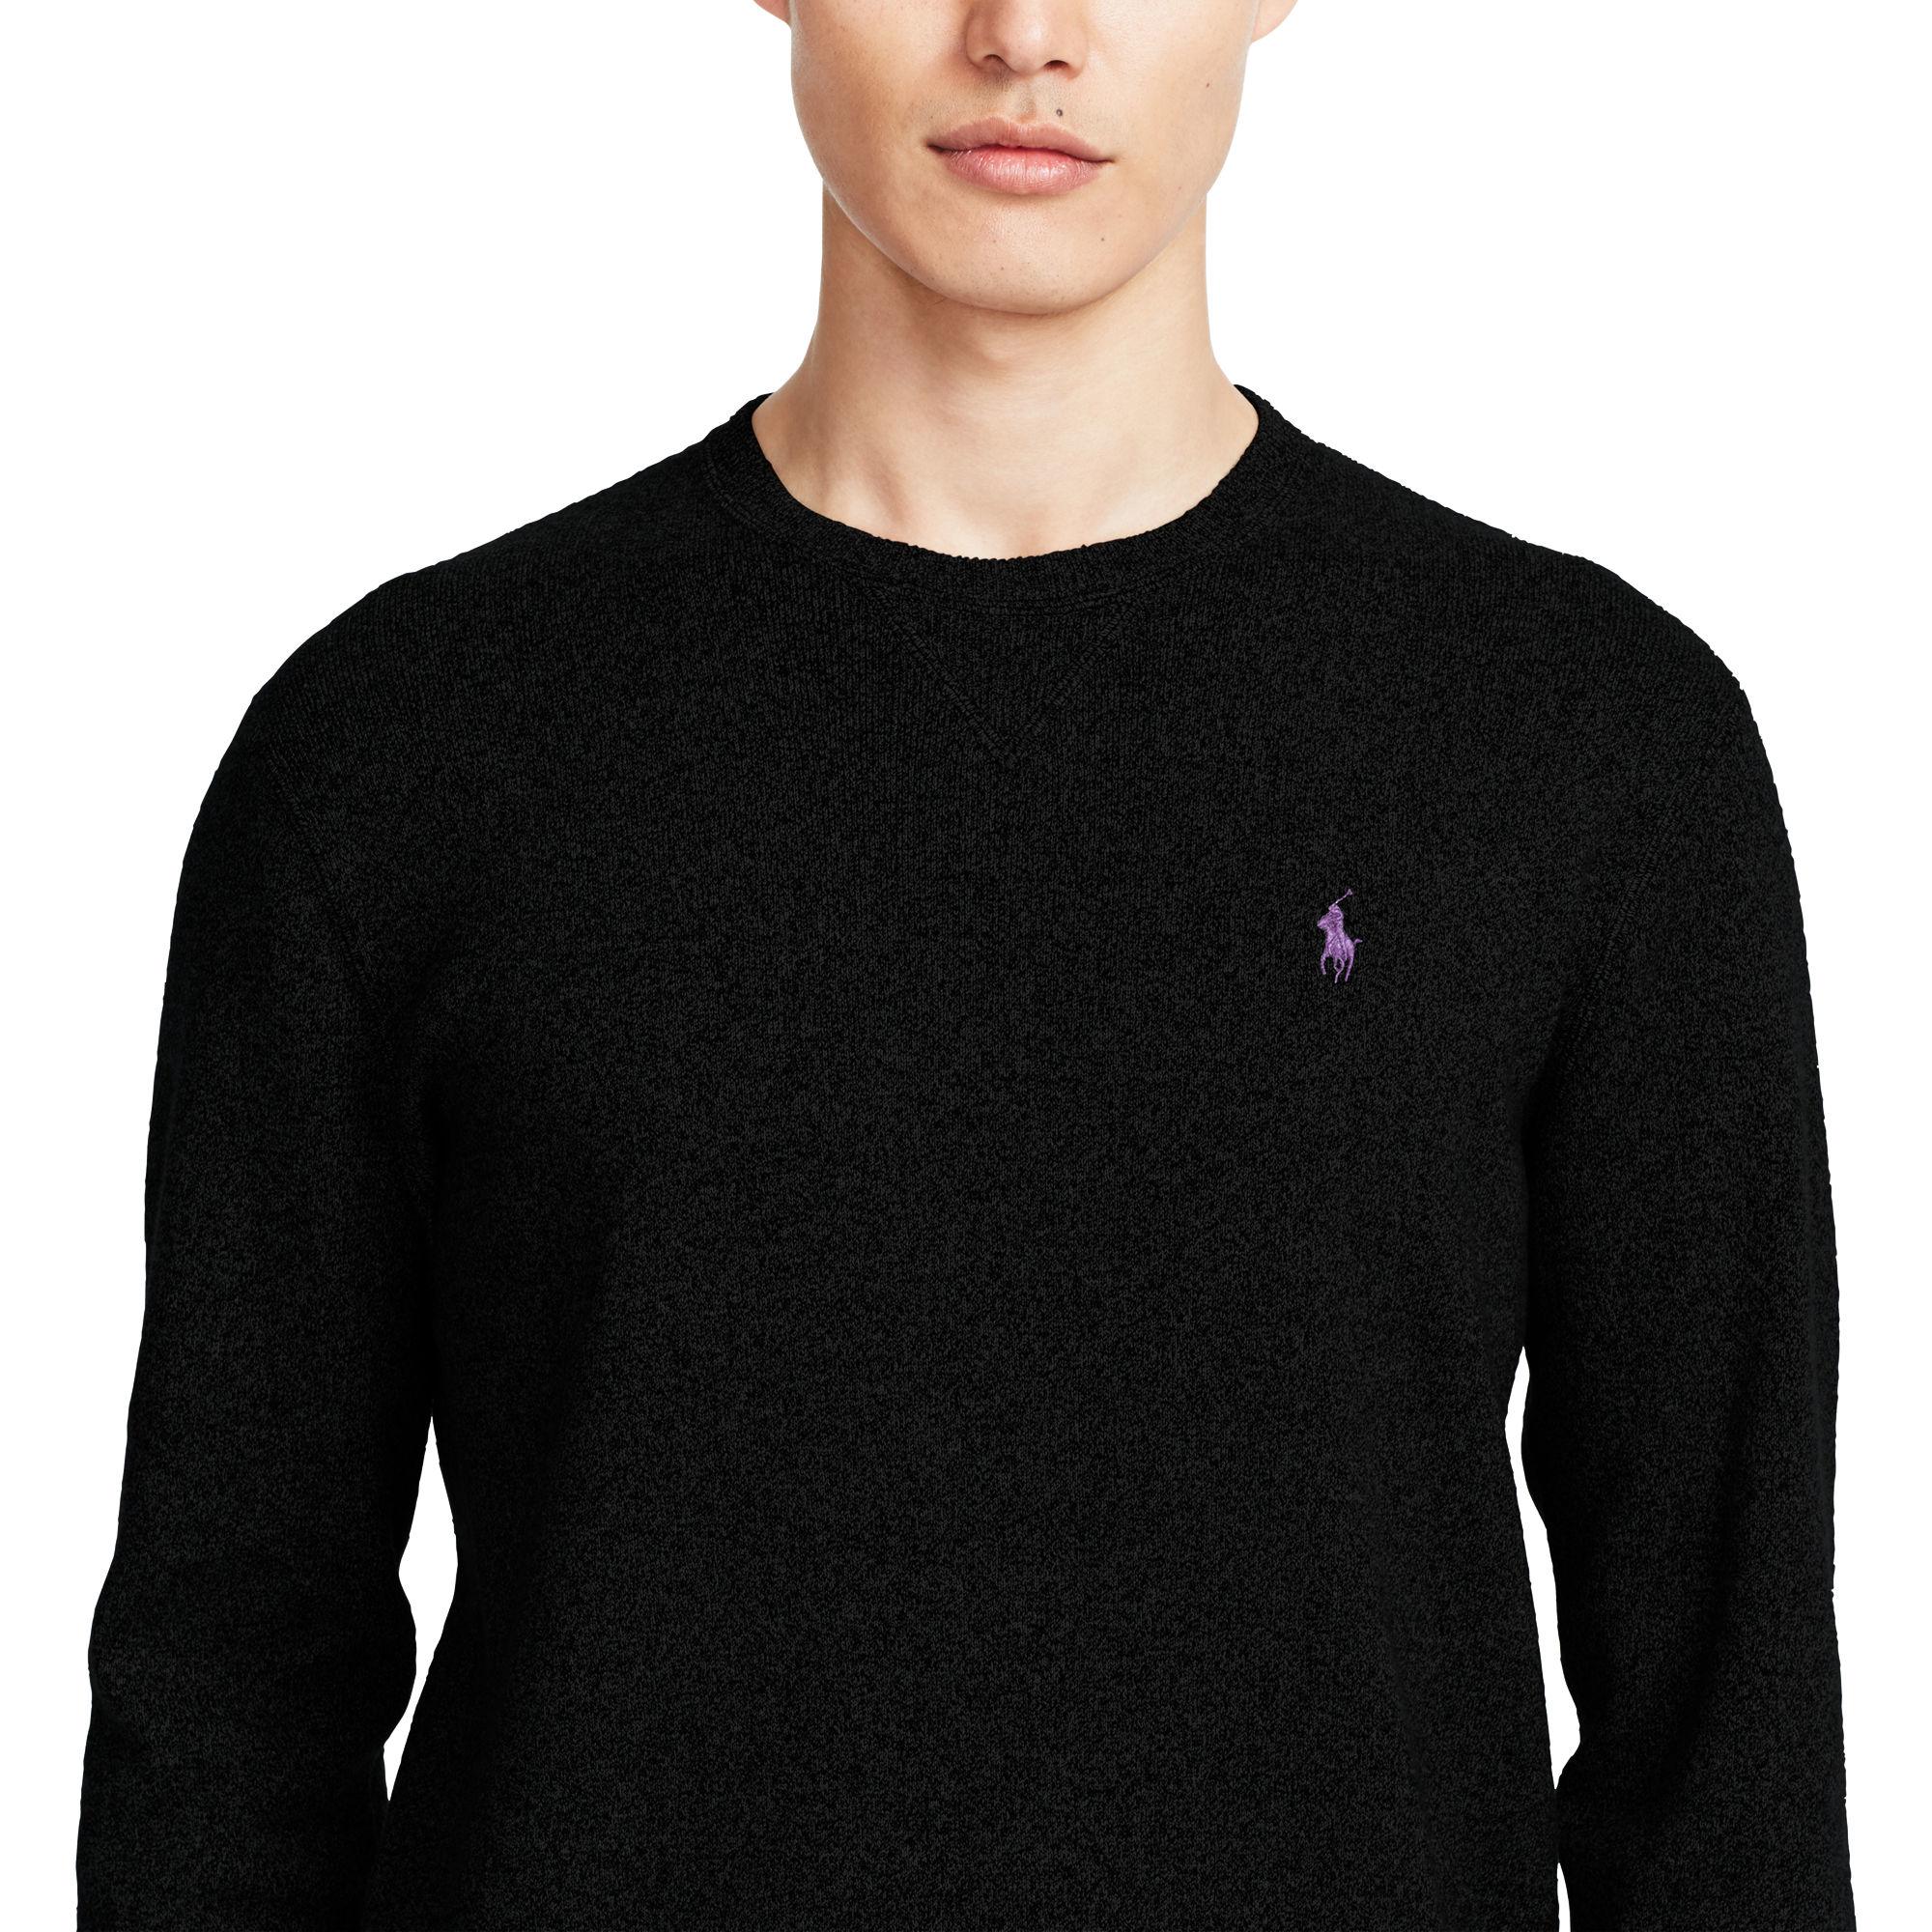 Cotton Lauren For Crewneck Polo Men Ralph Black Sweater 1FKJTc3l